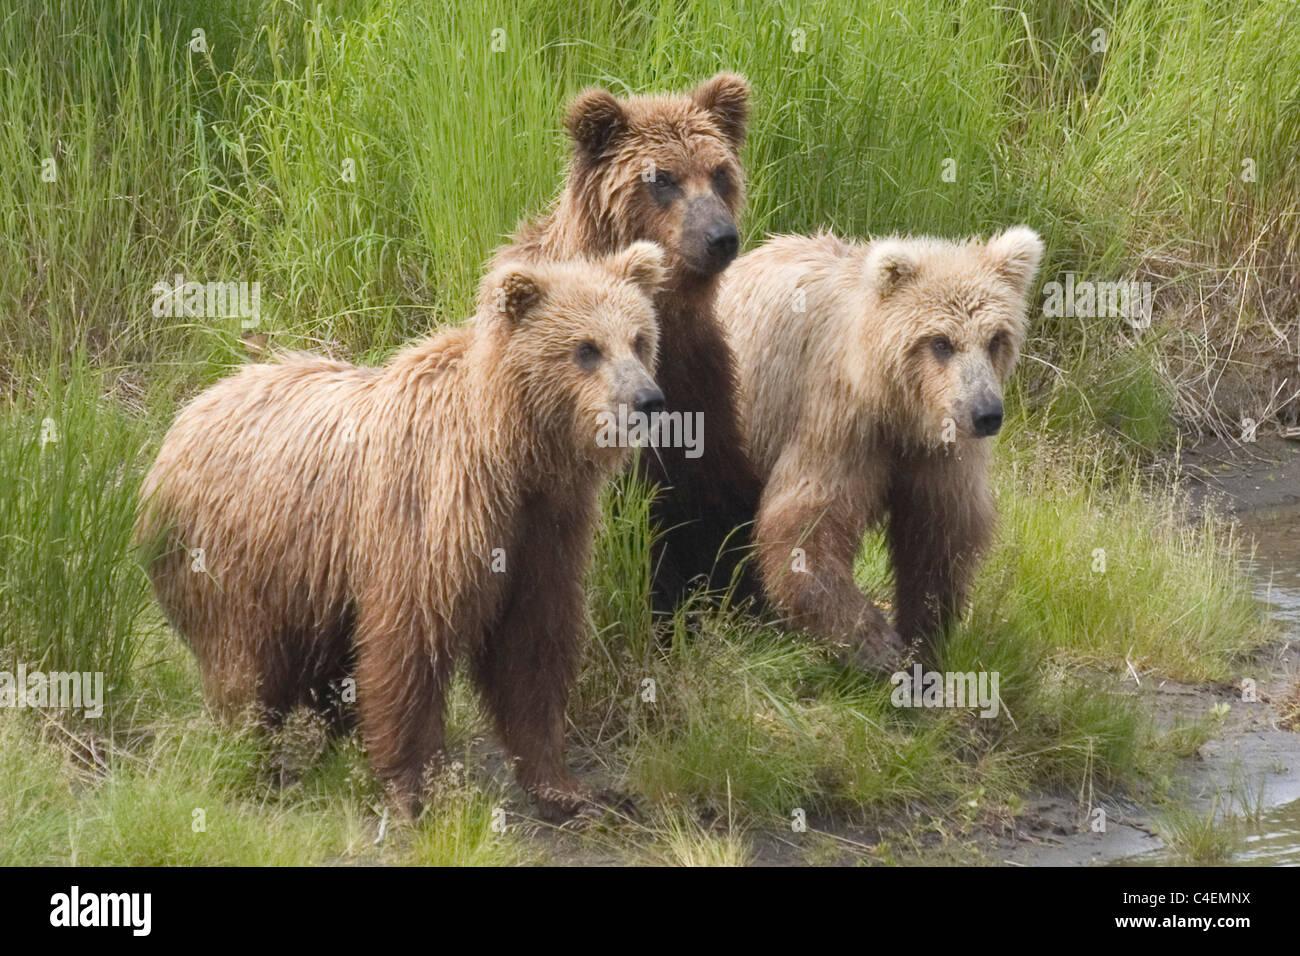 Brown (Grizzly) Bear rwo year old cubs.(Ursus arctos horribilis).Katmai National Park, Alaska - Stock Image